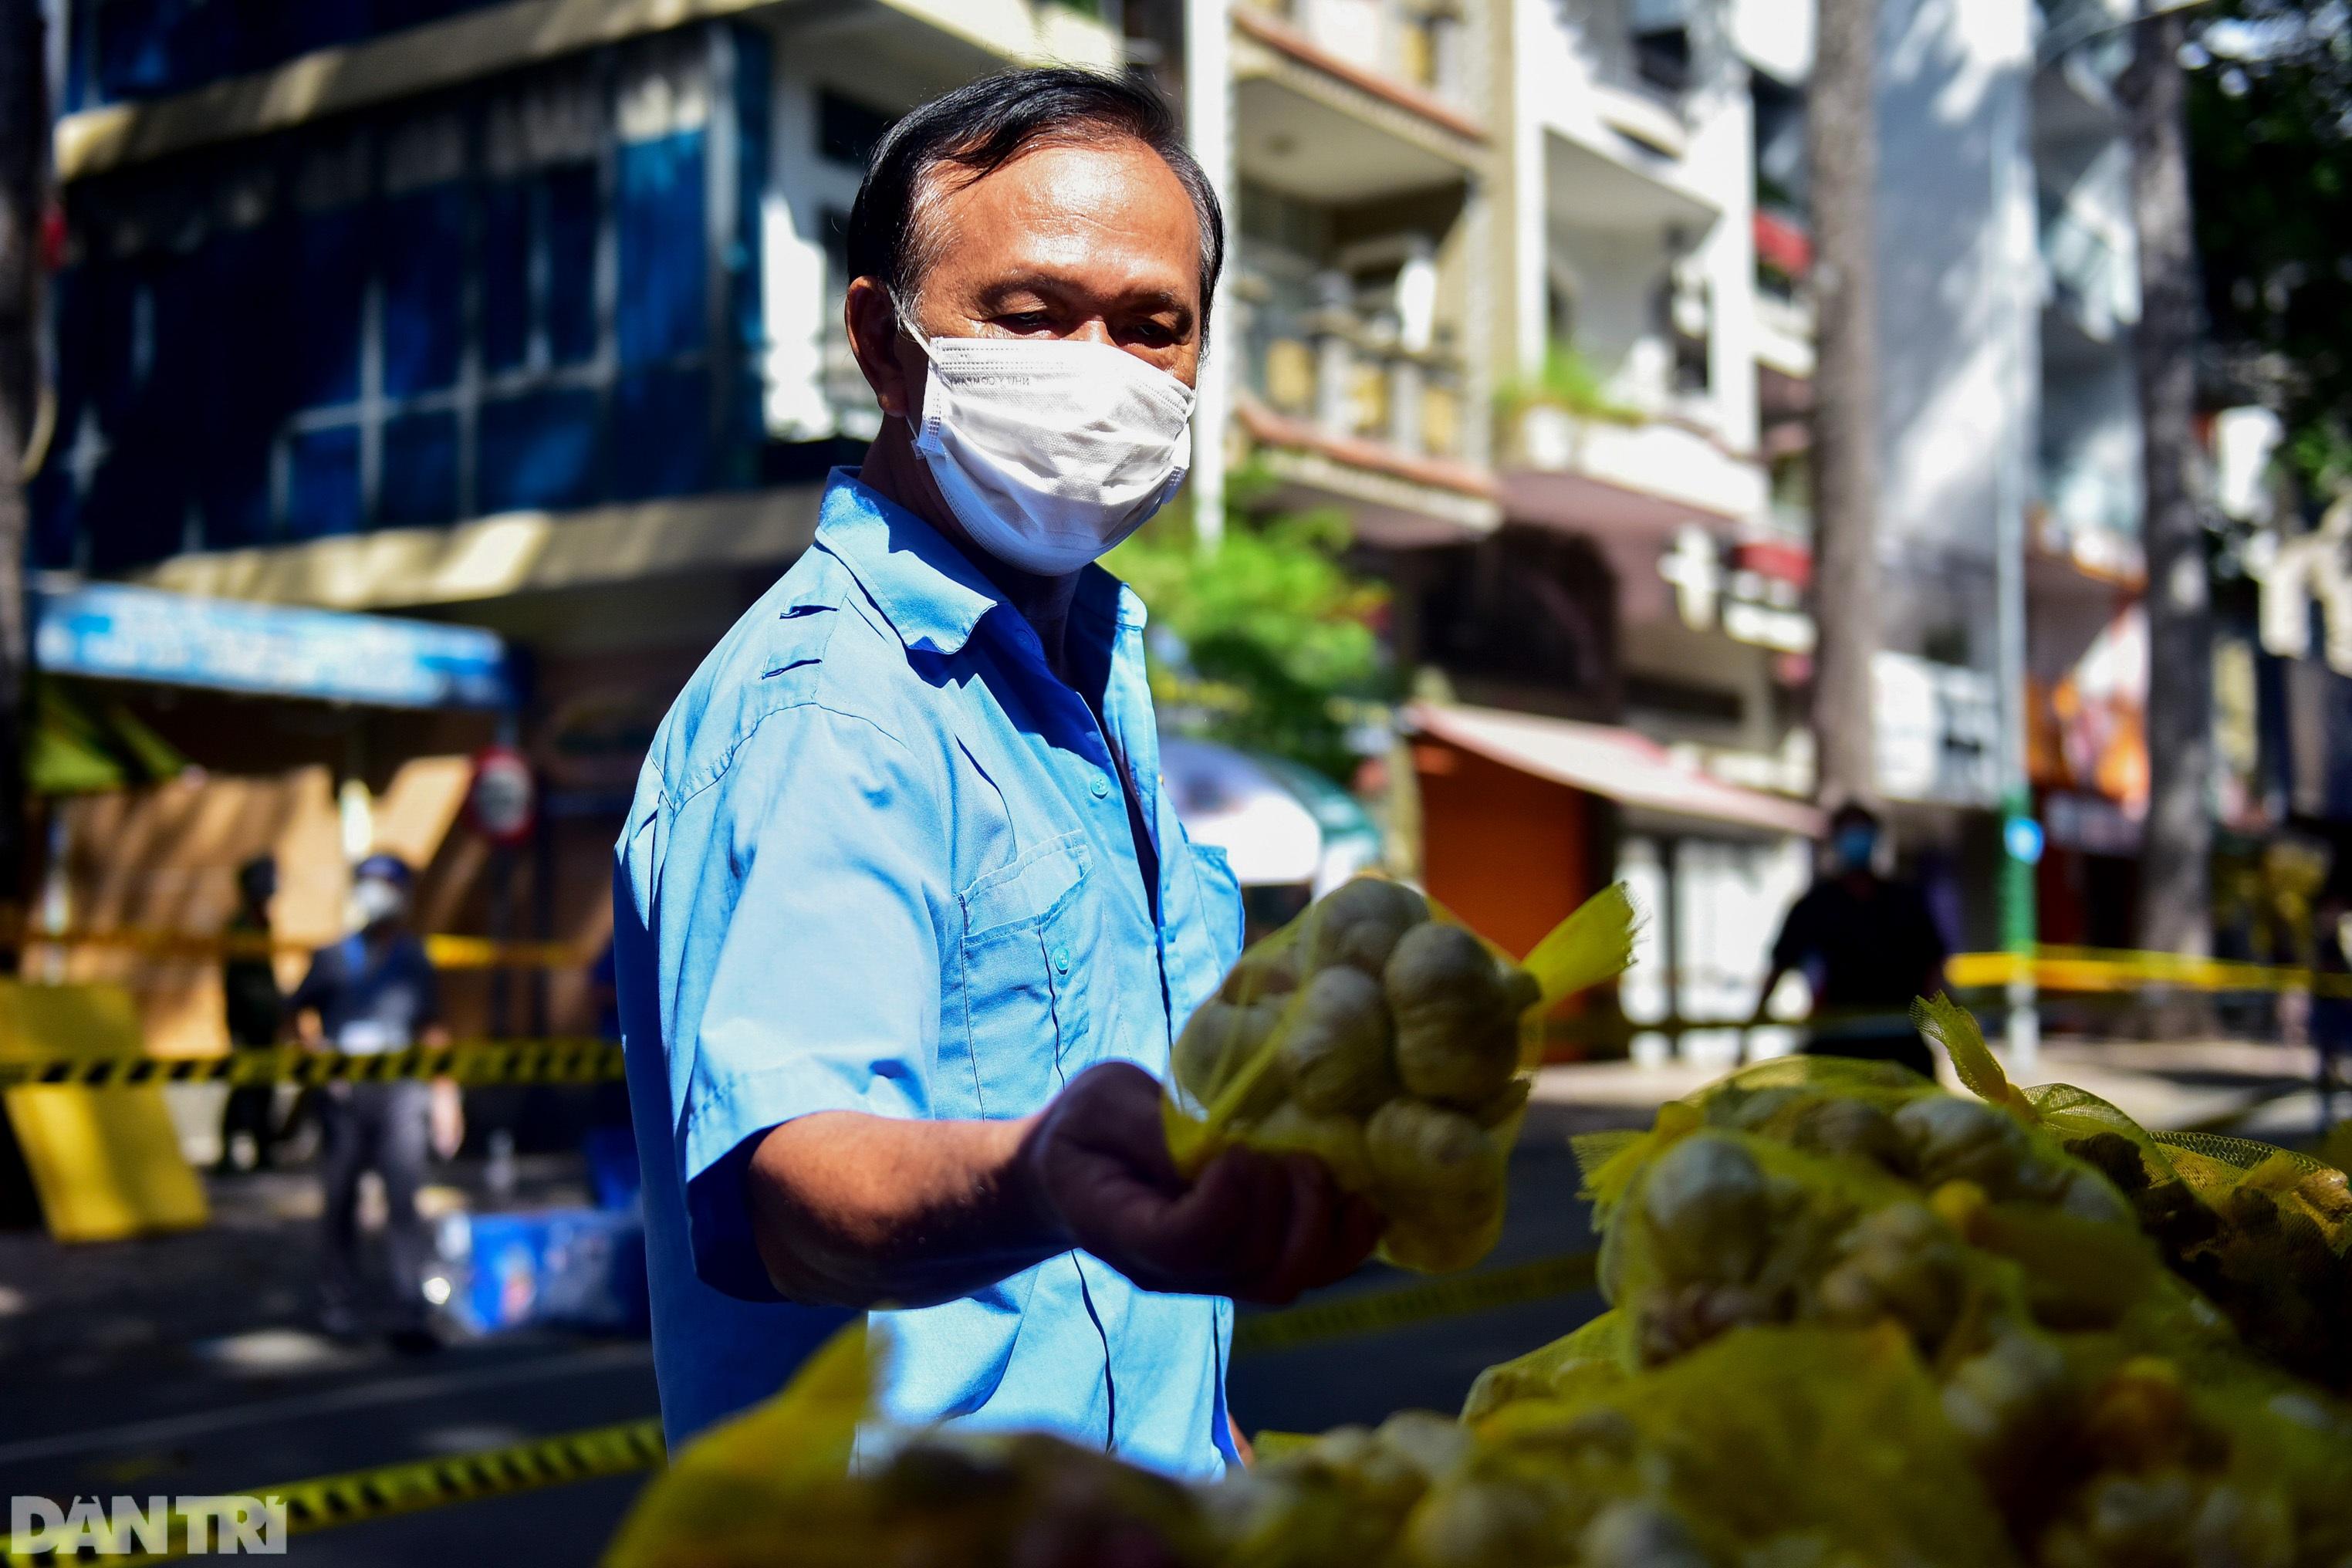 Chợ dã chiến dài 500 m trên vỉa hè phục vụ người dân vùng xanh TPHCM - 11